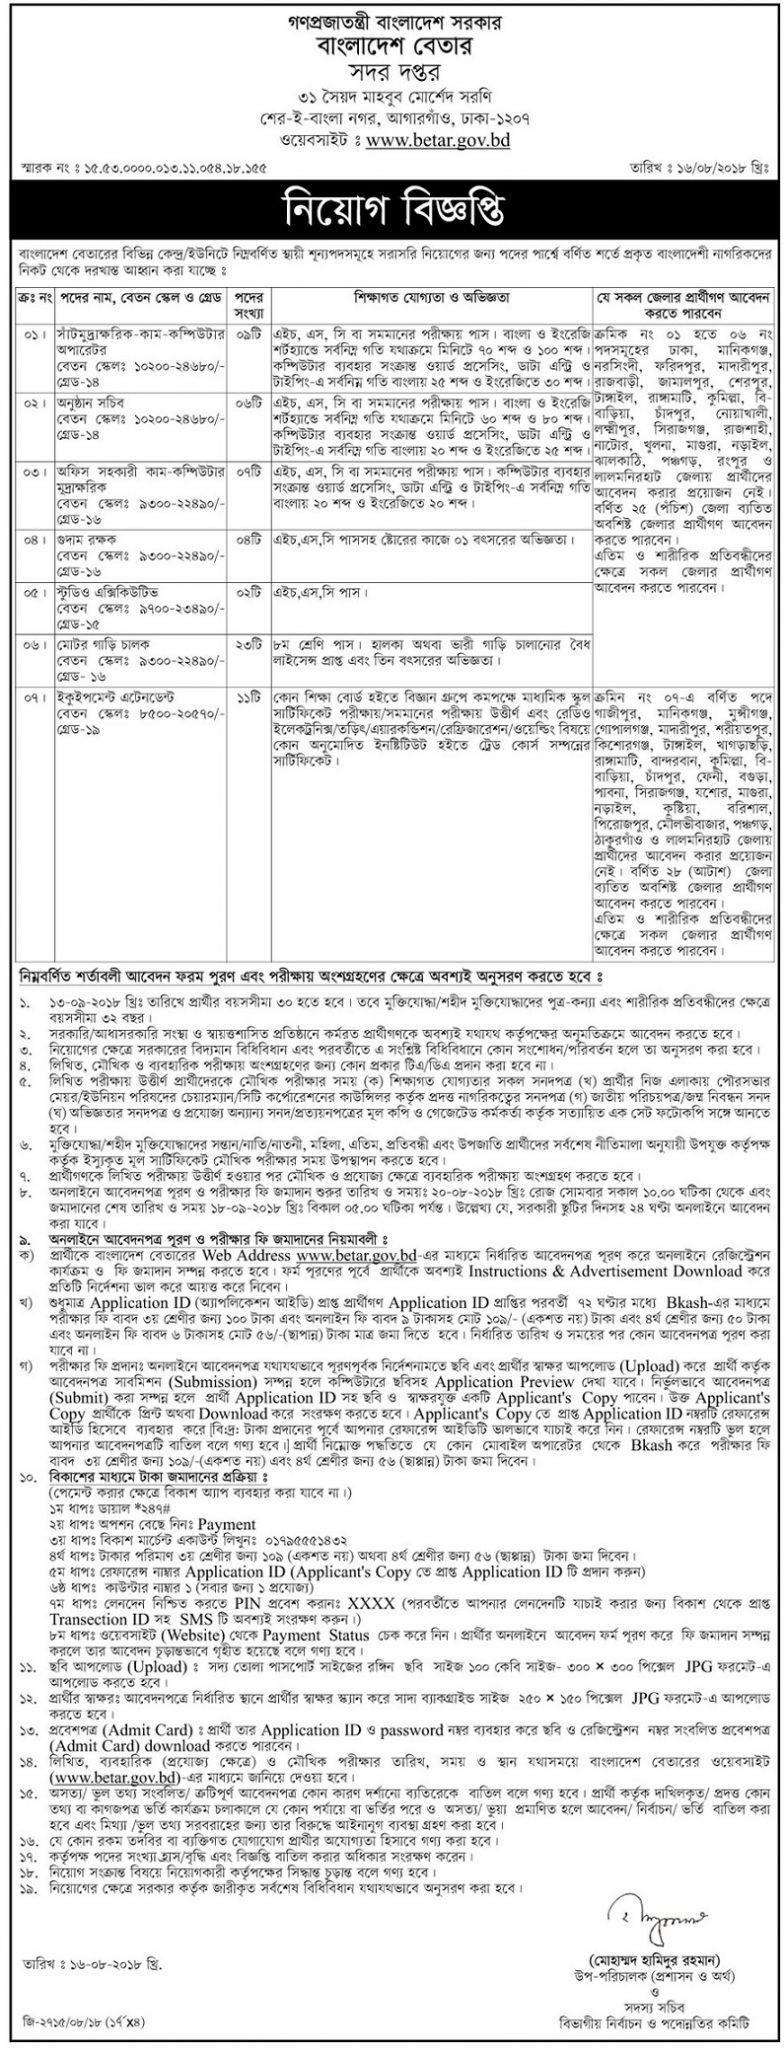 Bangladesh Betar Job Circular 2018